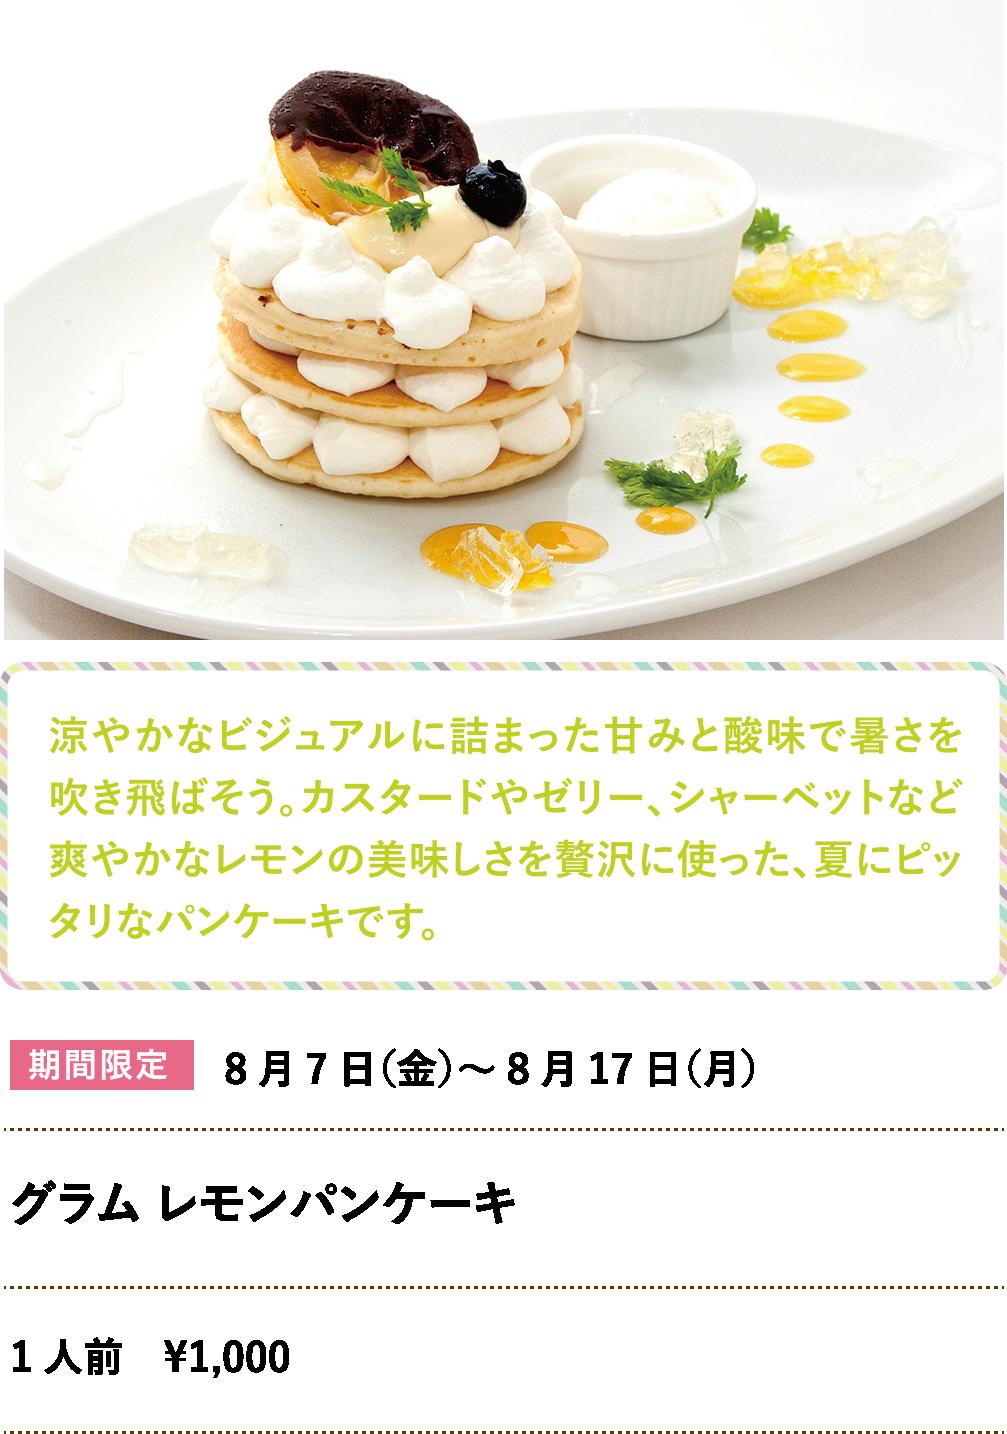 グラム レモンパンケーキ